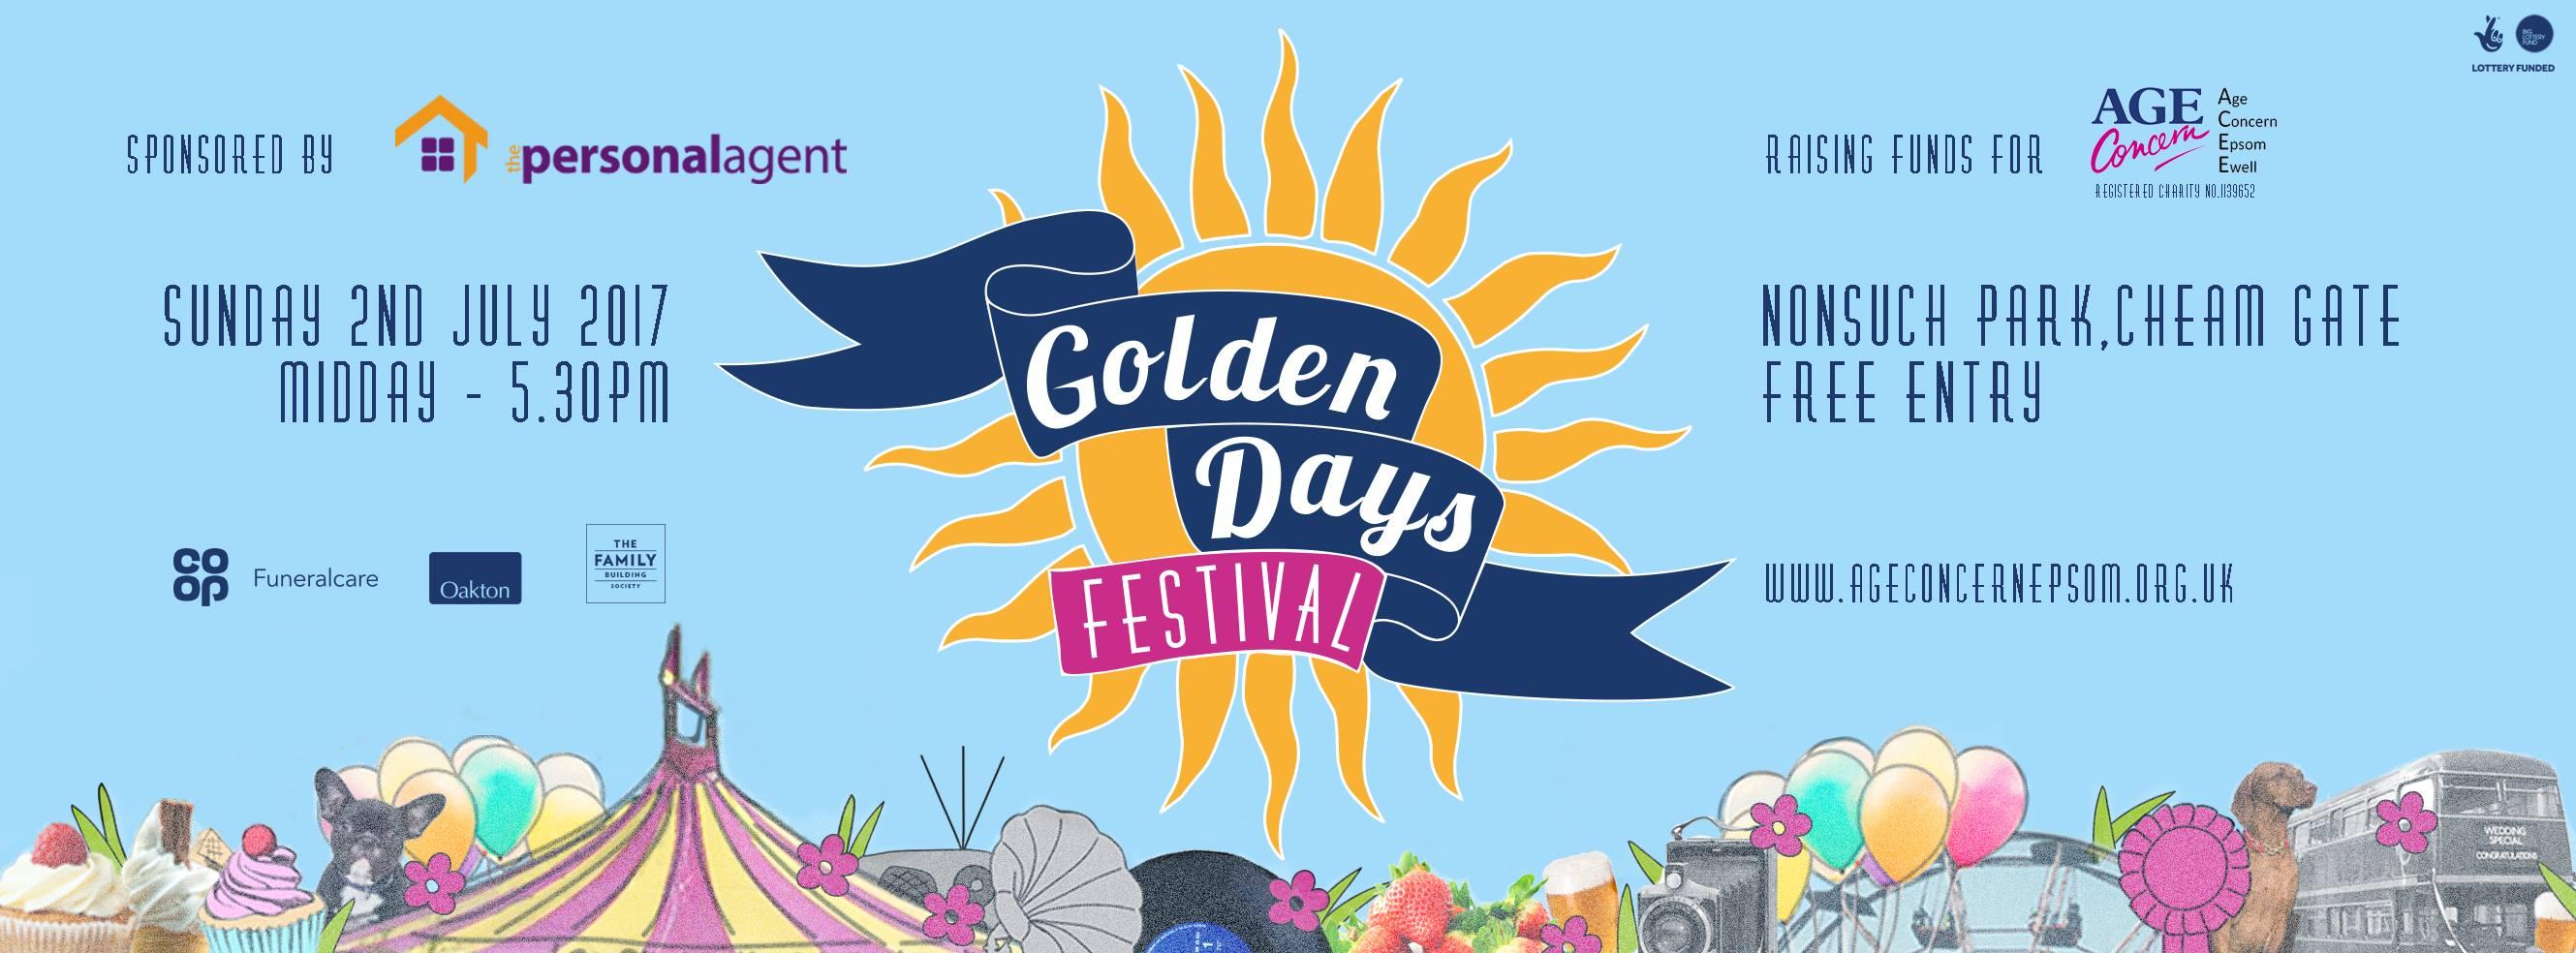 Goldendays Festival banner